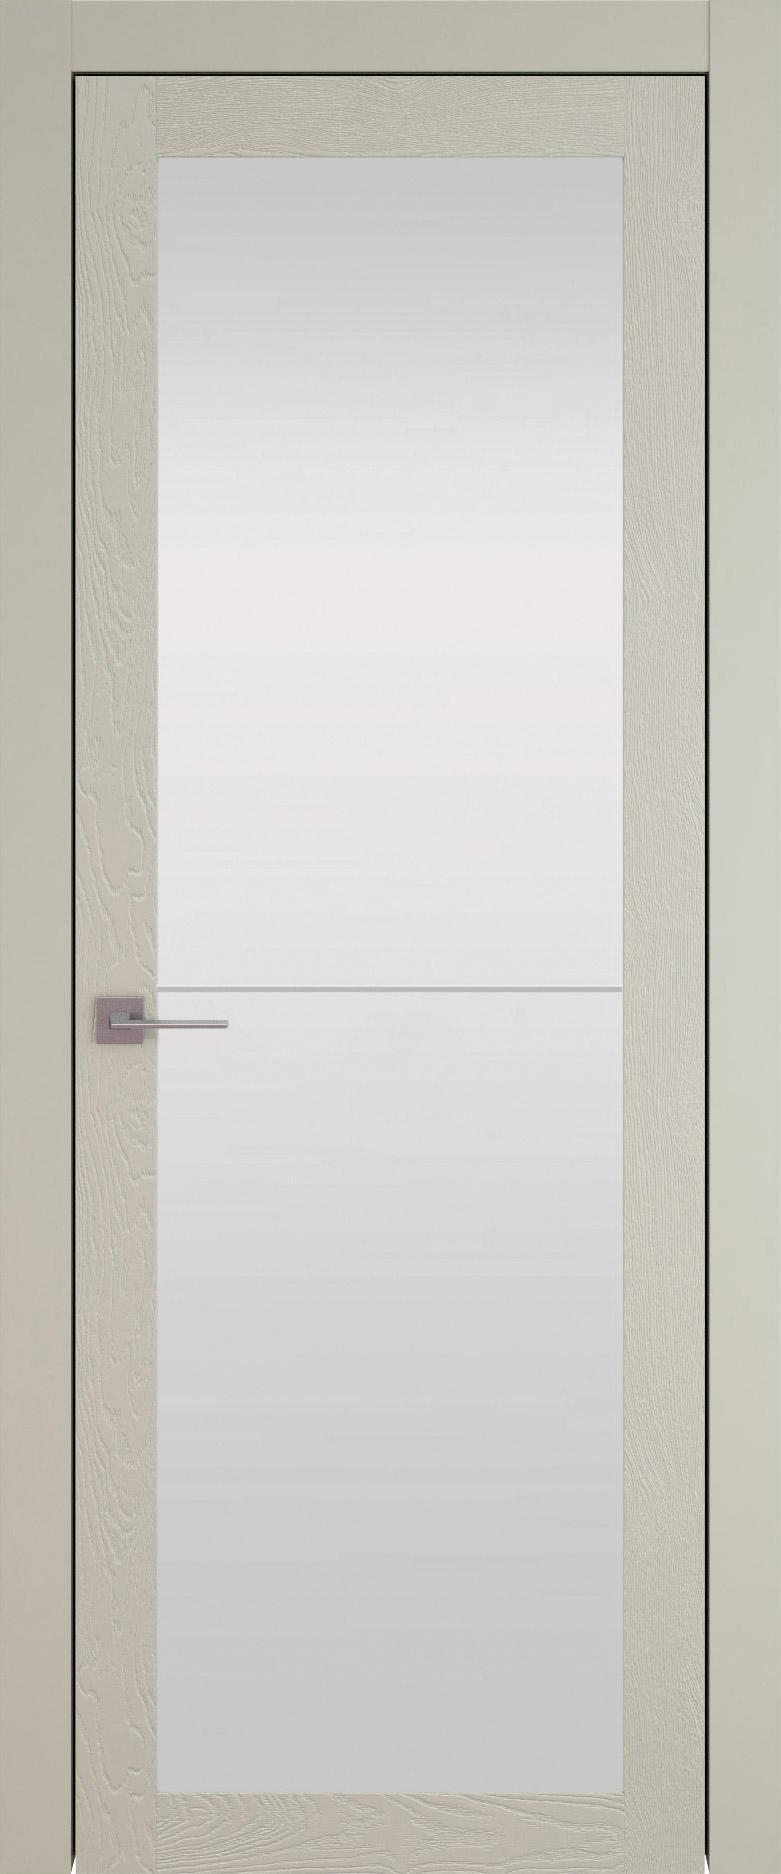 Tivoli З-2 цвет - Серо-оливковая эмаль по шпону (RAL 7032) Со стеклом (ДО)